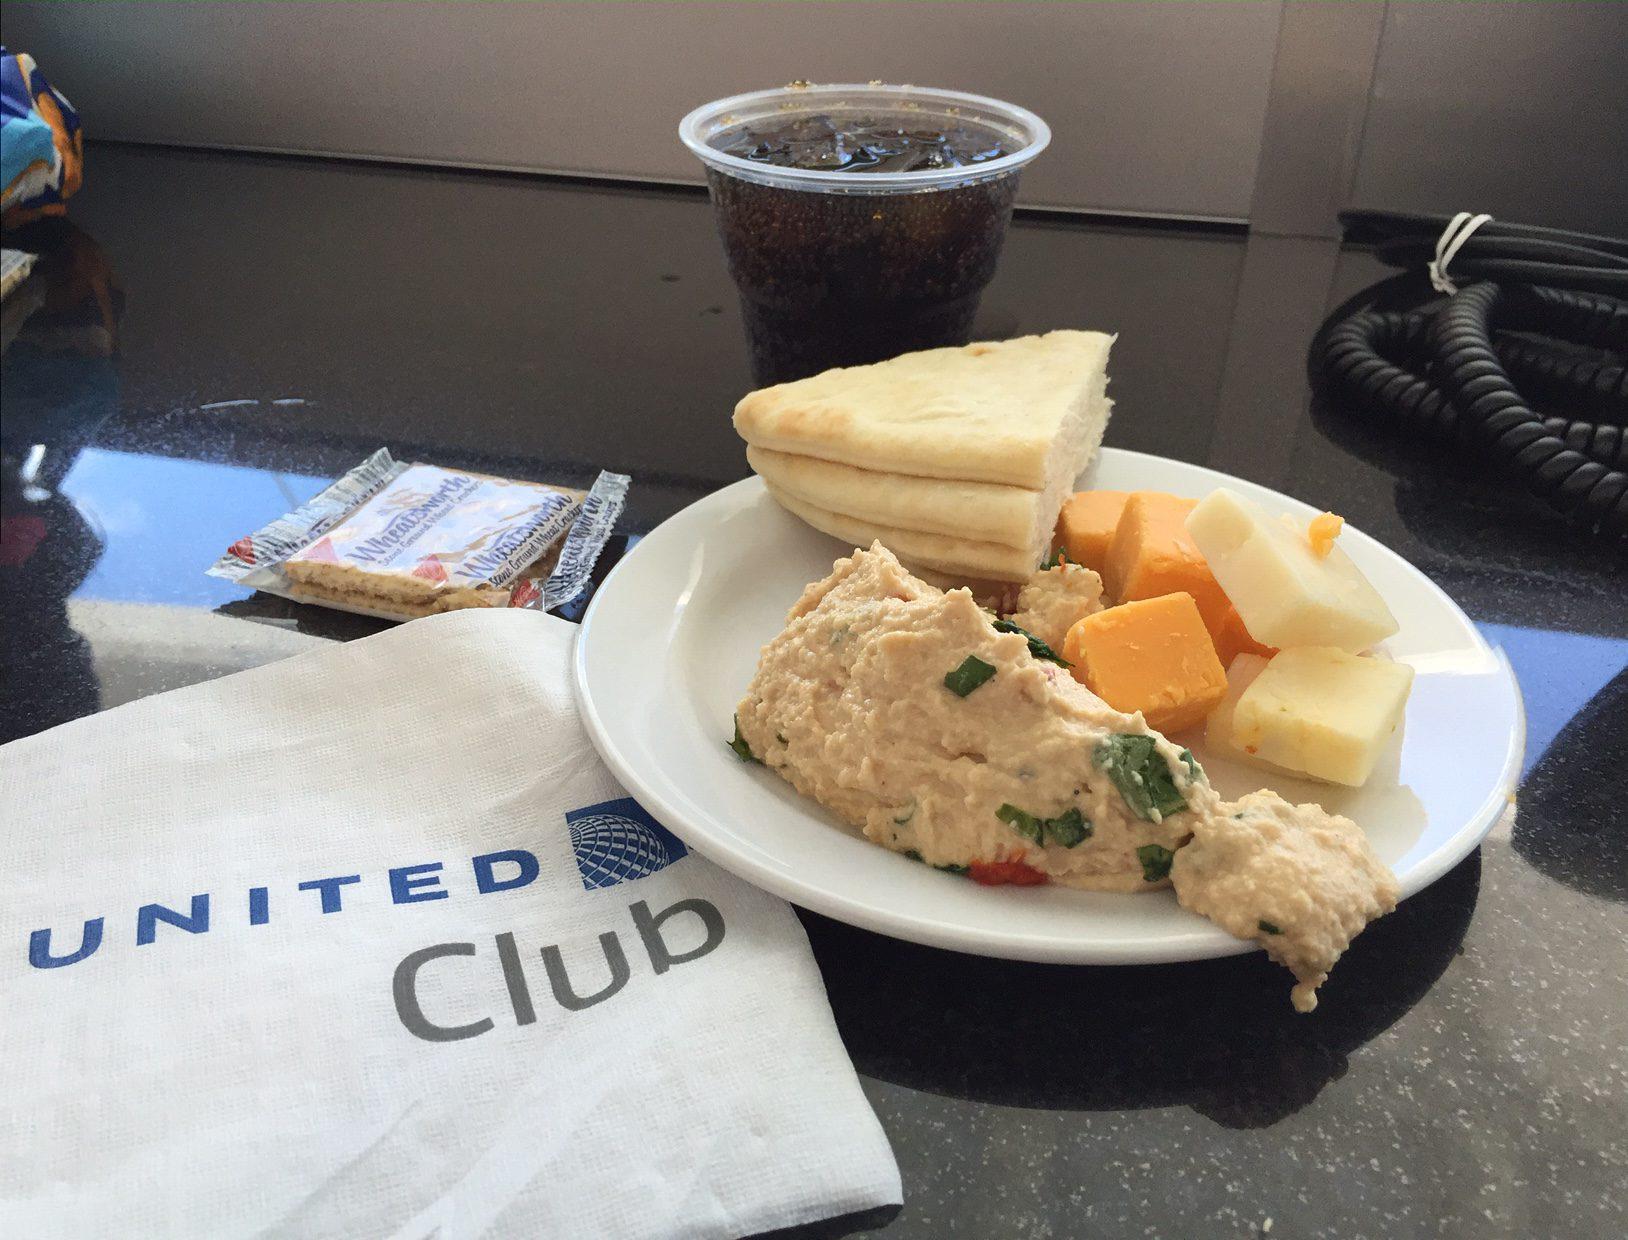 Som altid var udvalget i United Club: Humus, ost af dårlig kvalitet og lidt brød og kiks.